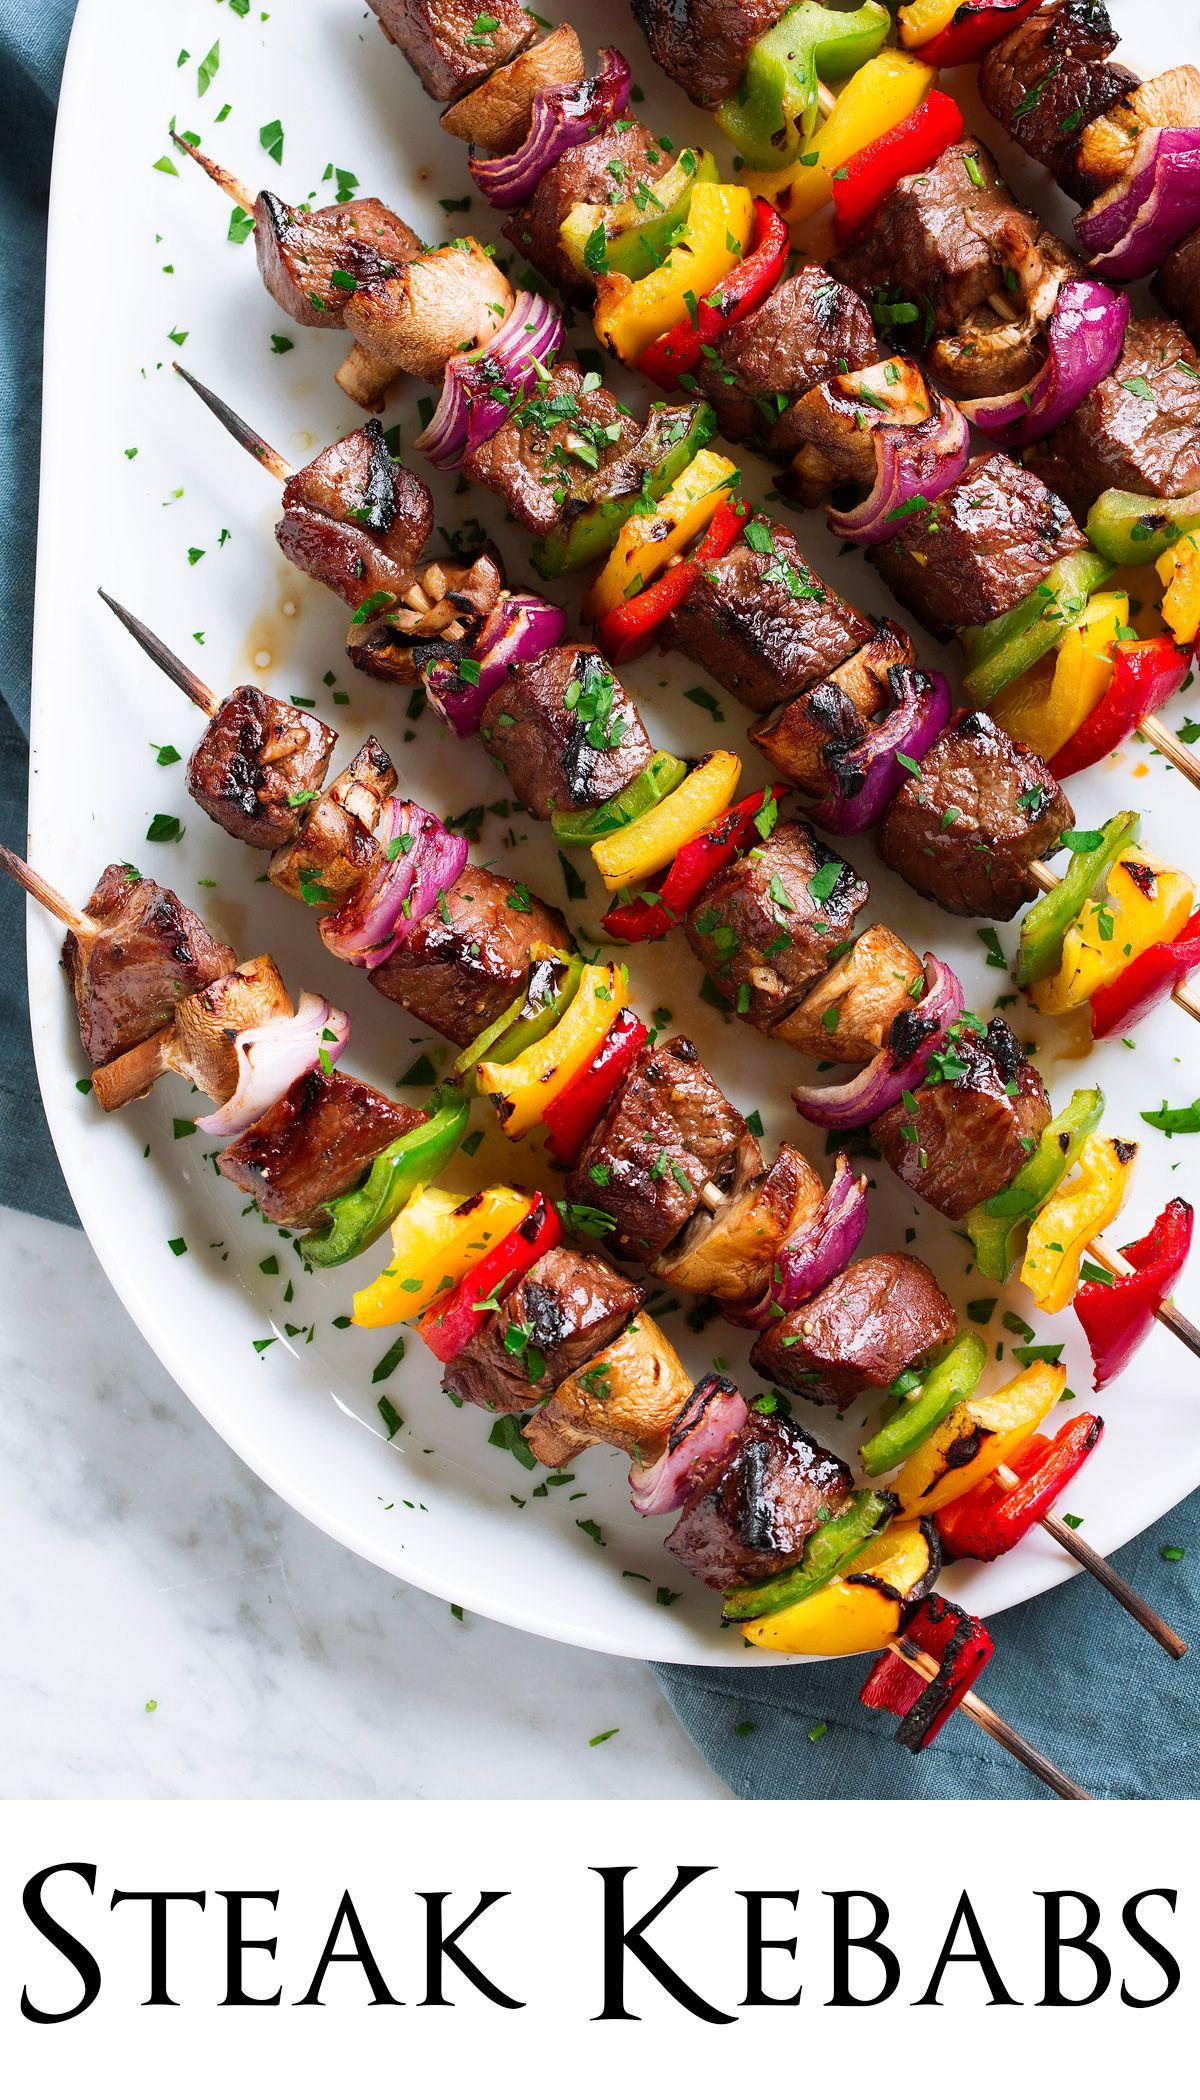 Steak Kebabs - A Flavorful Steak Recipe! - Cooking Classy